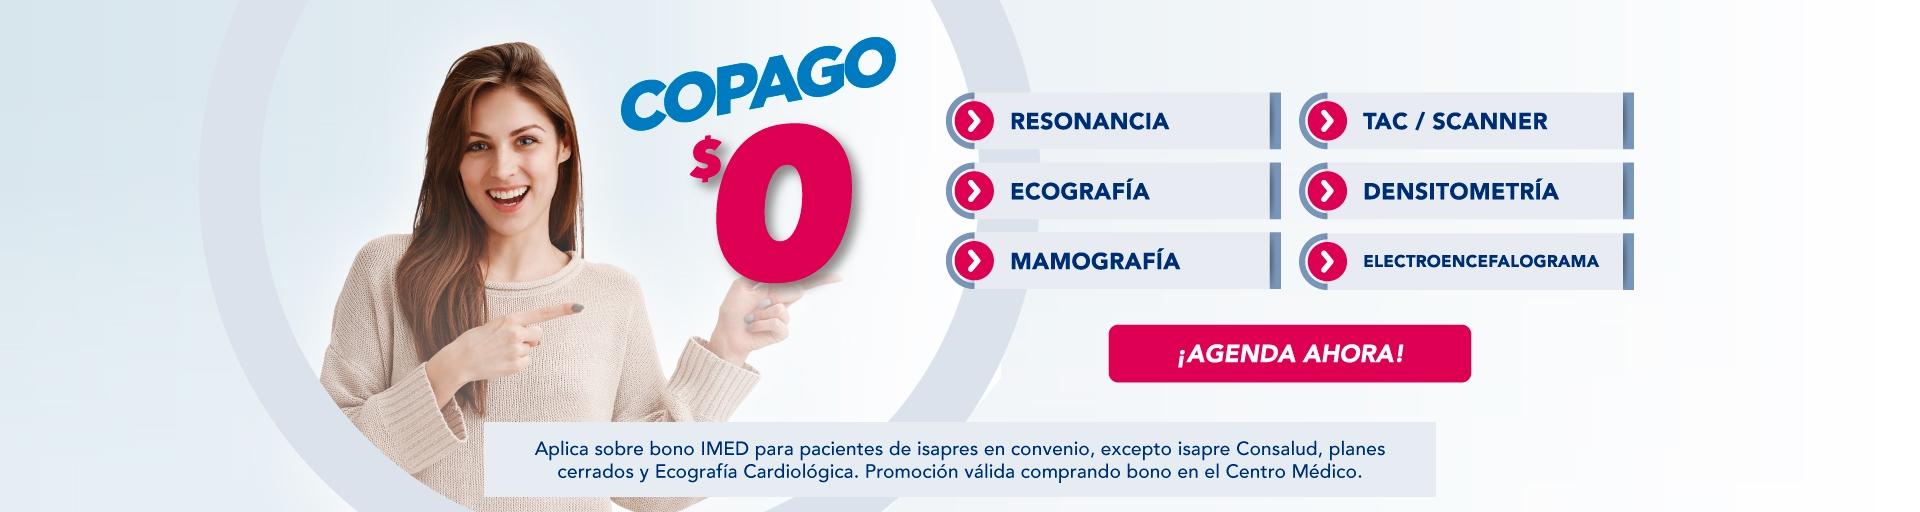 Copago 0